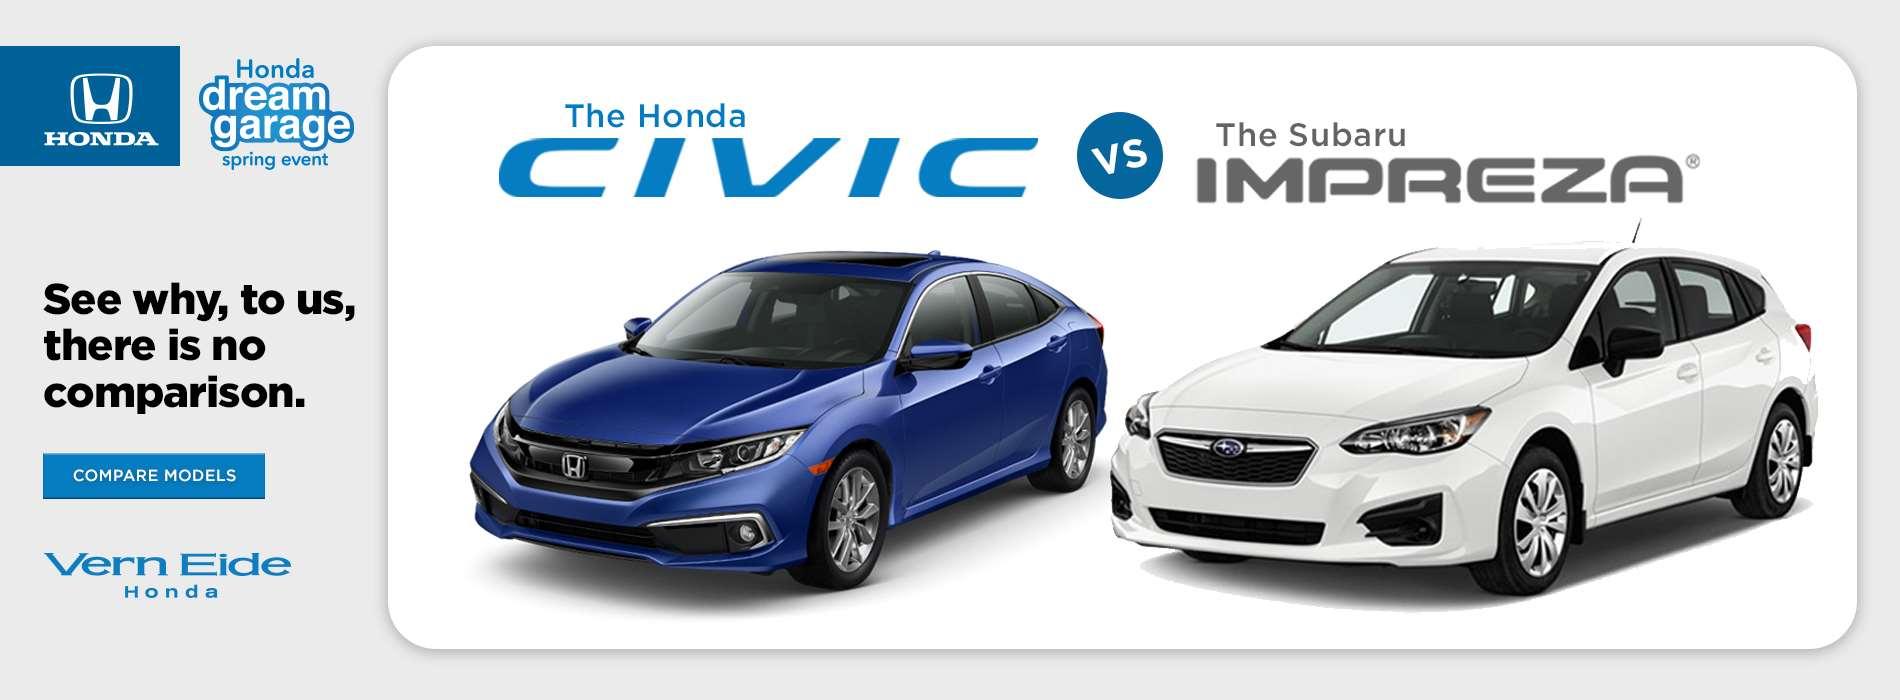 Honda - Civic vs Impreza - March 2019